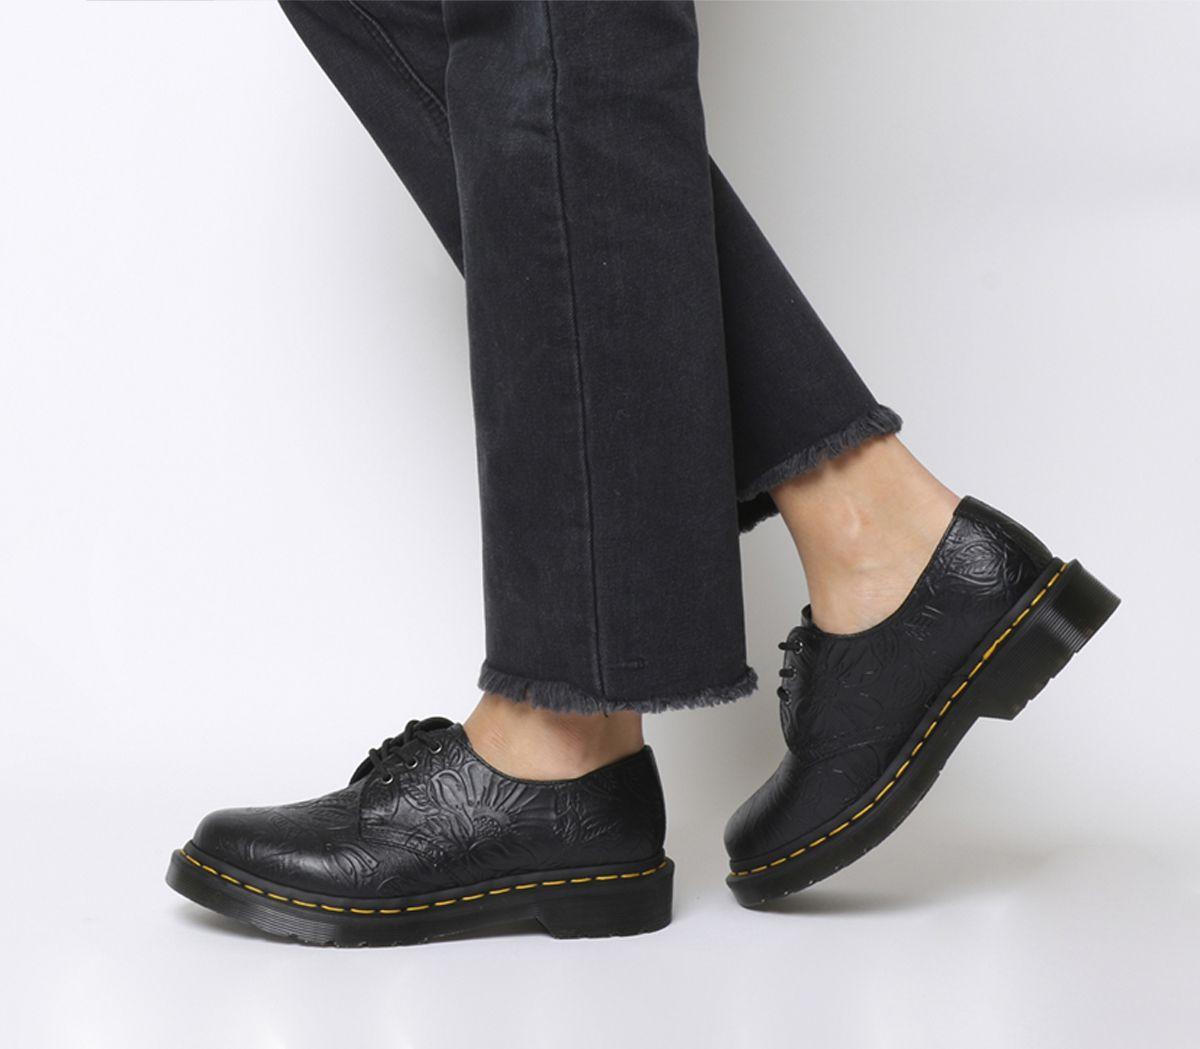 a09f5bd8532 3 Eyelet Shoes